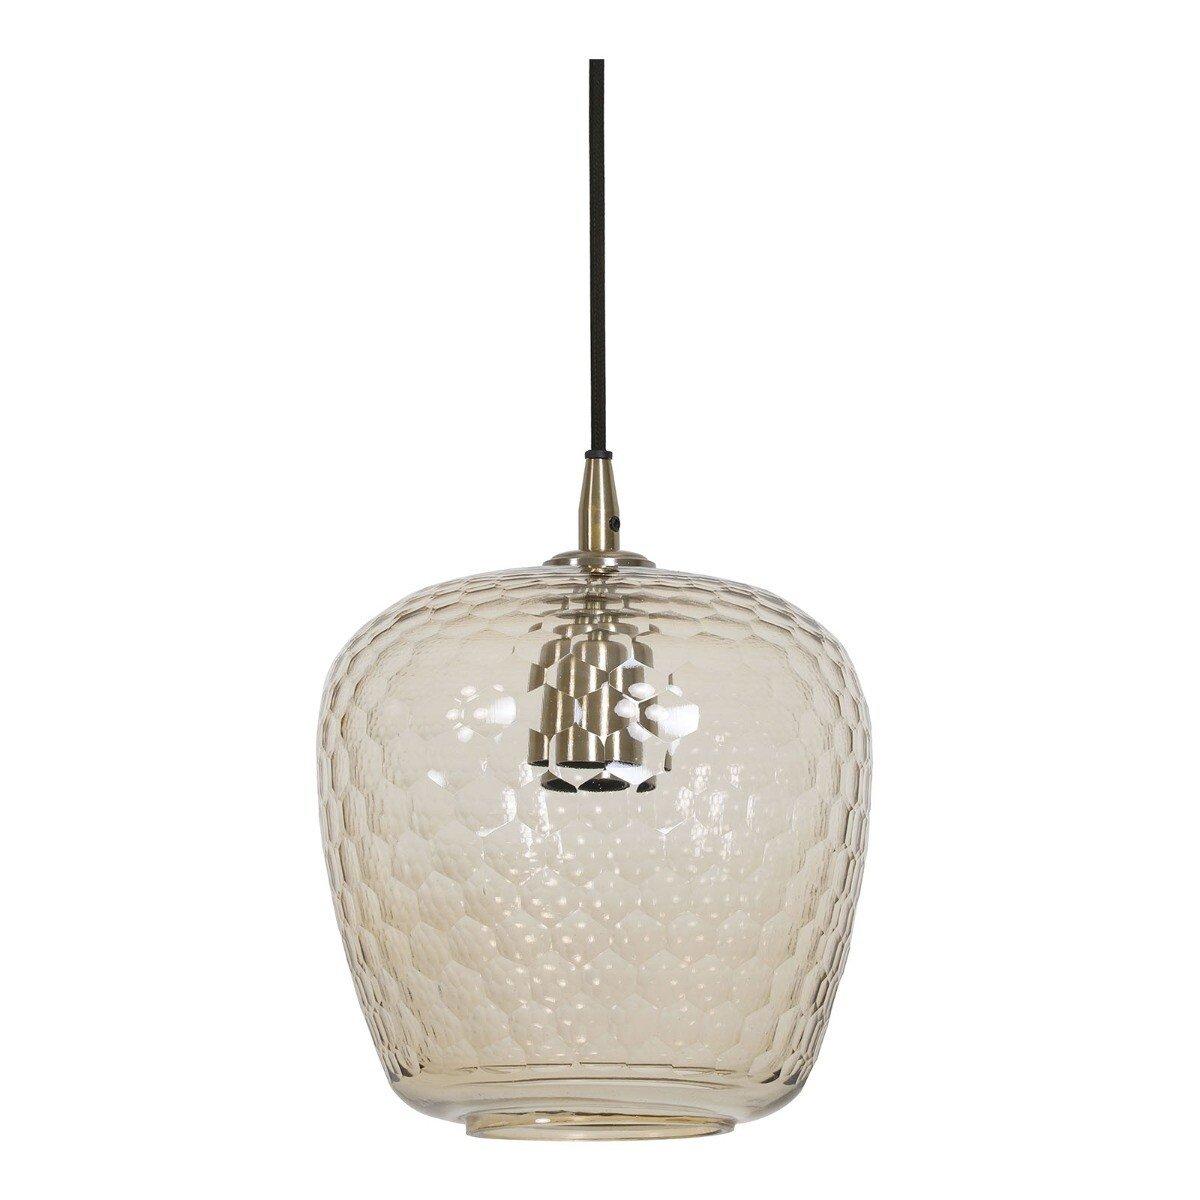 Light & Living Hanglamp DANITA glas antiek brons M